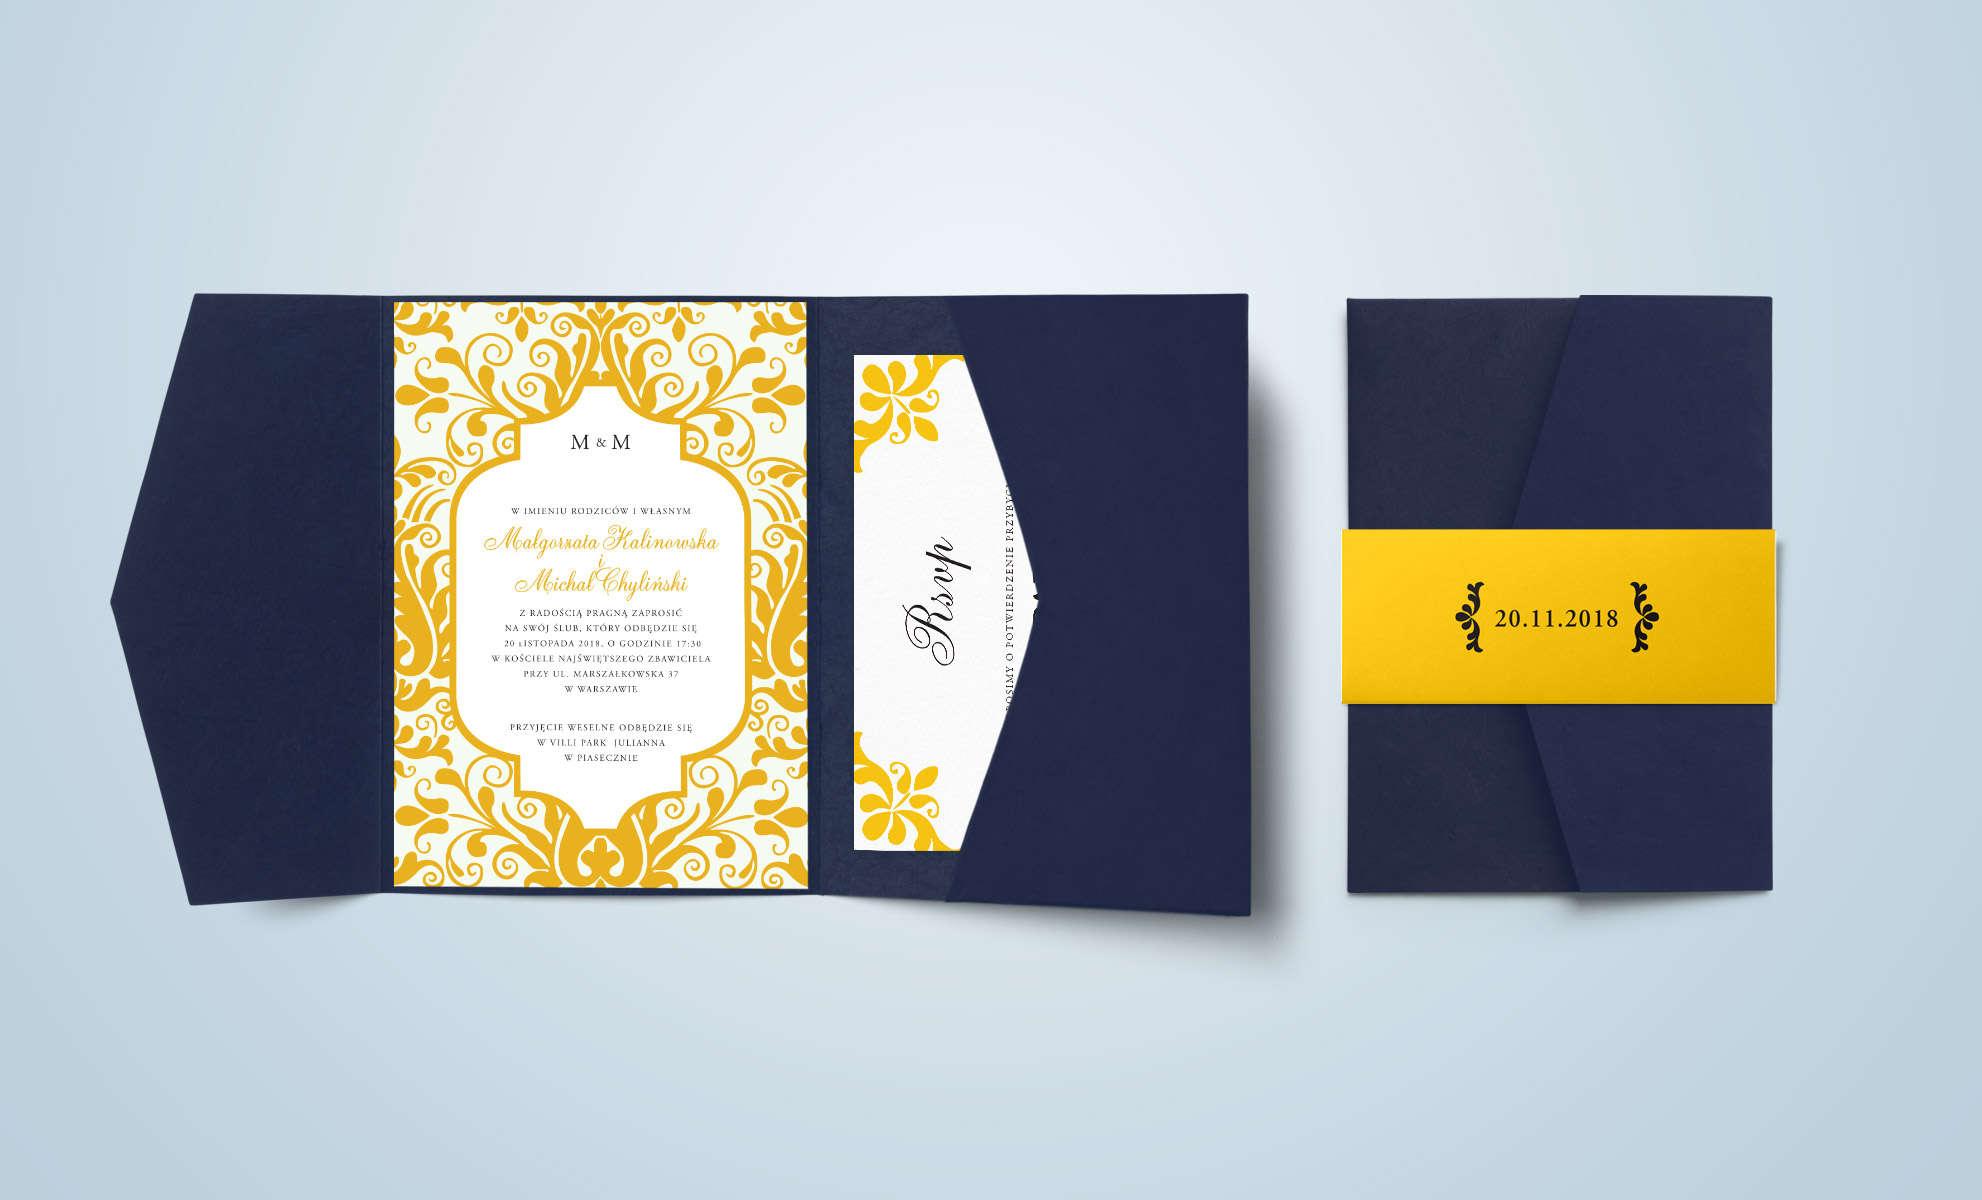 Zaproszenie z motywem ornamentalnym w kolorze żółtym